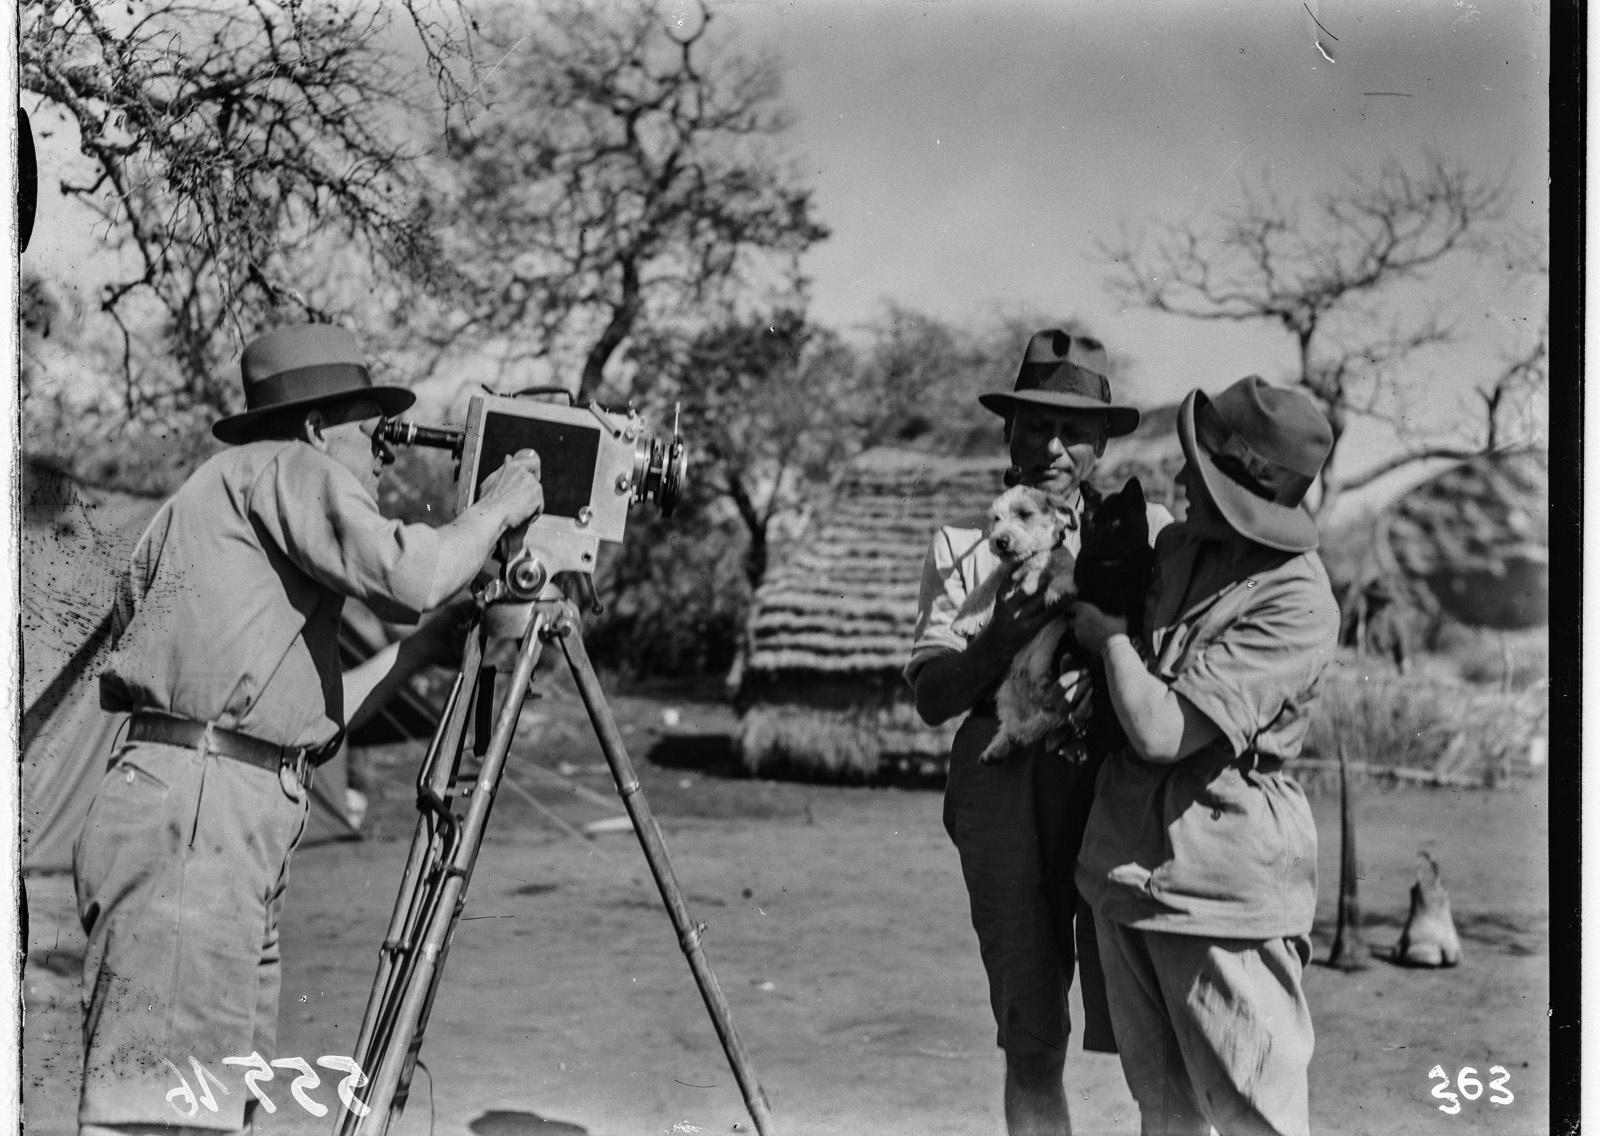 Южно-Африканский Союз. В окрестностях Претории. Пол Либеренц снимает Ханса Шомбургка и женщину, держащими собаку и кошку